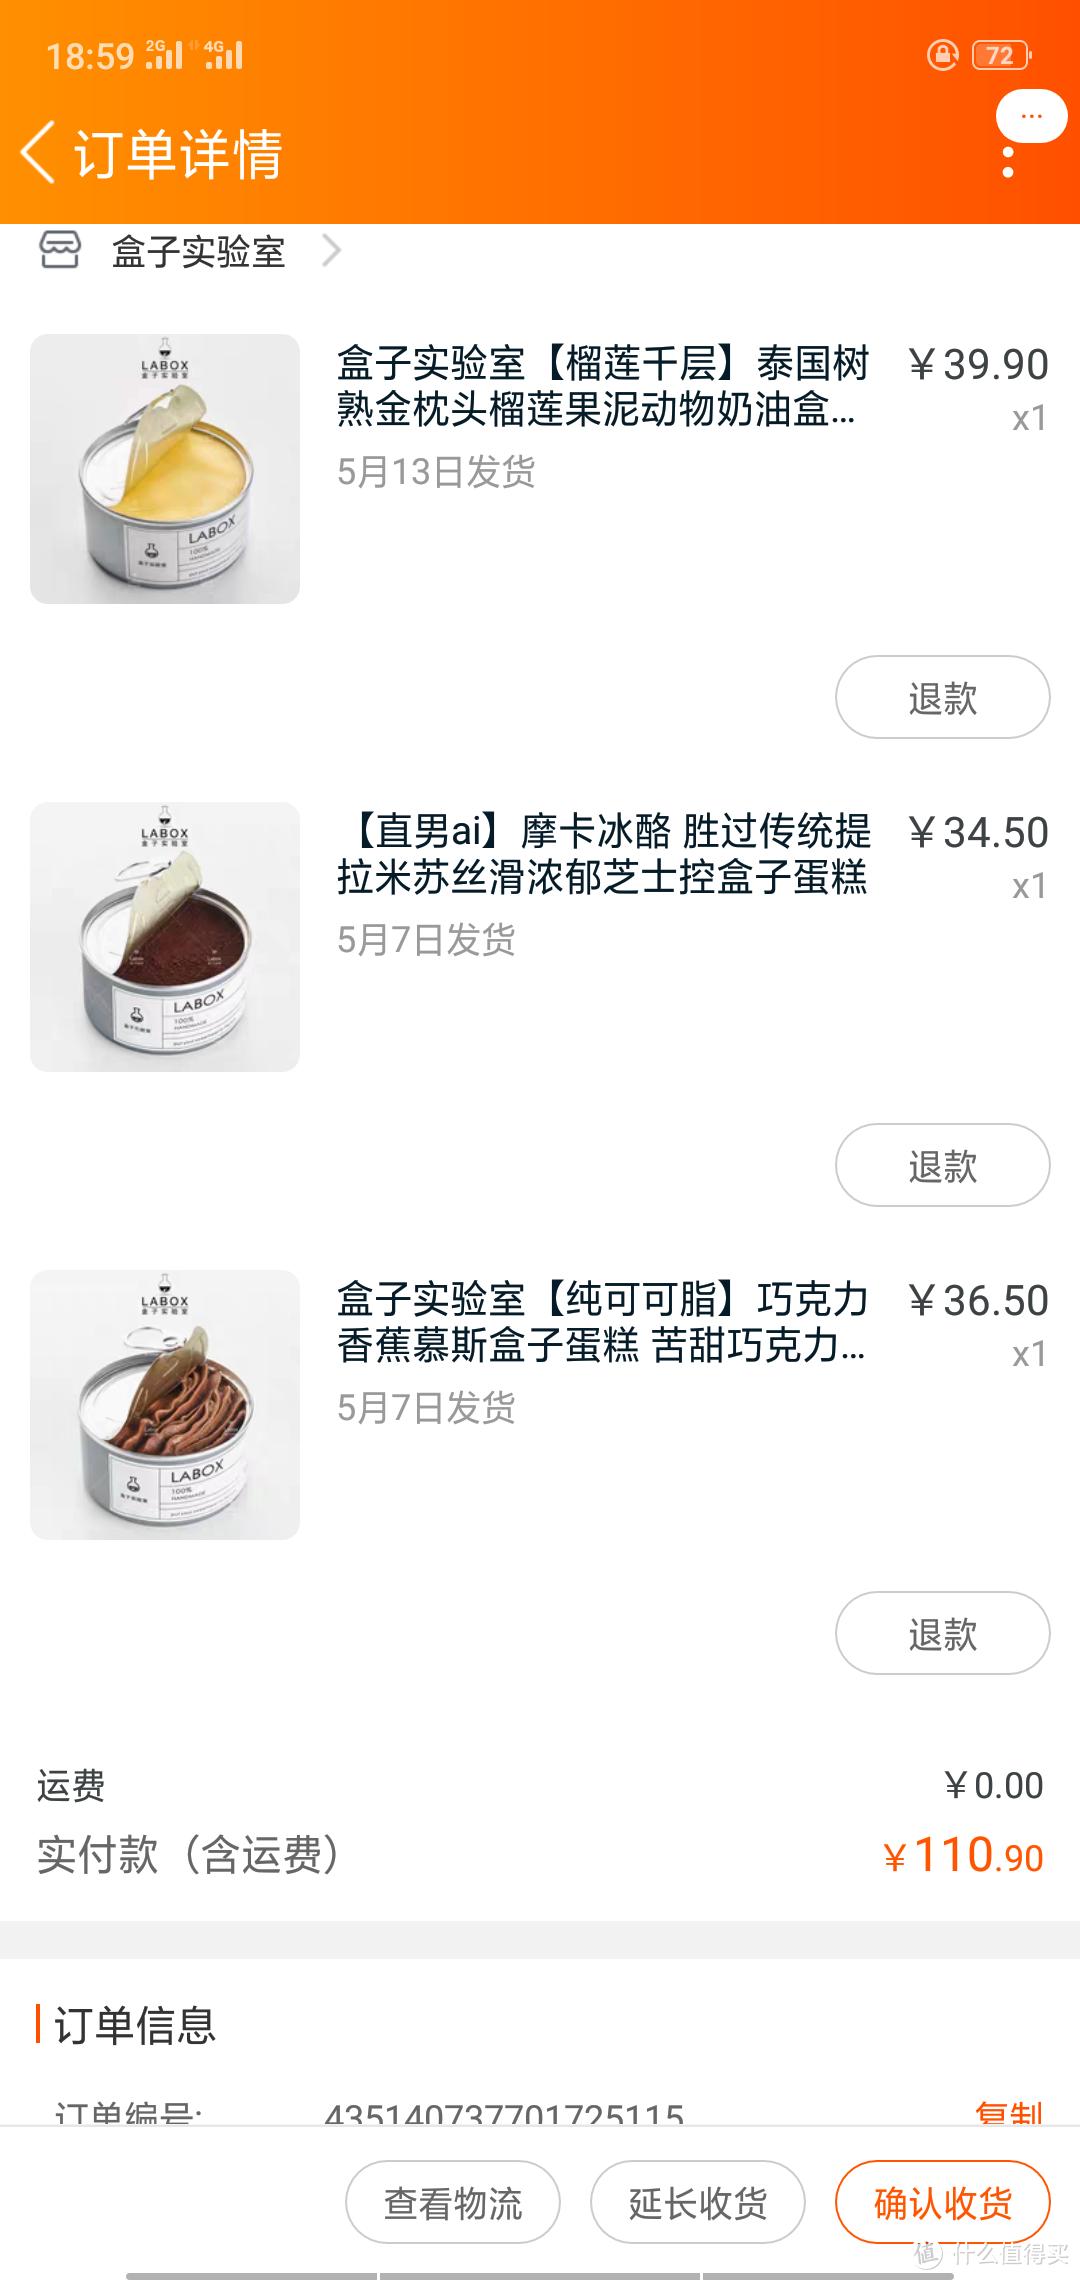 每一盒的价格都不一样